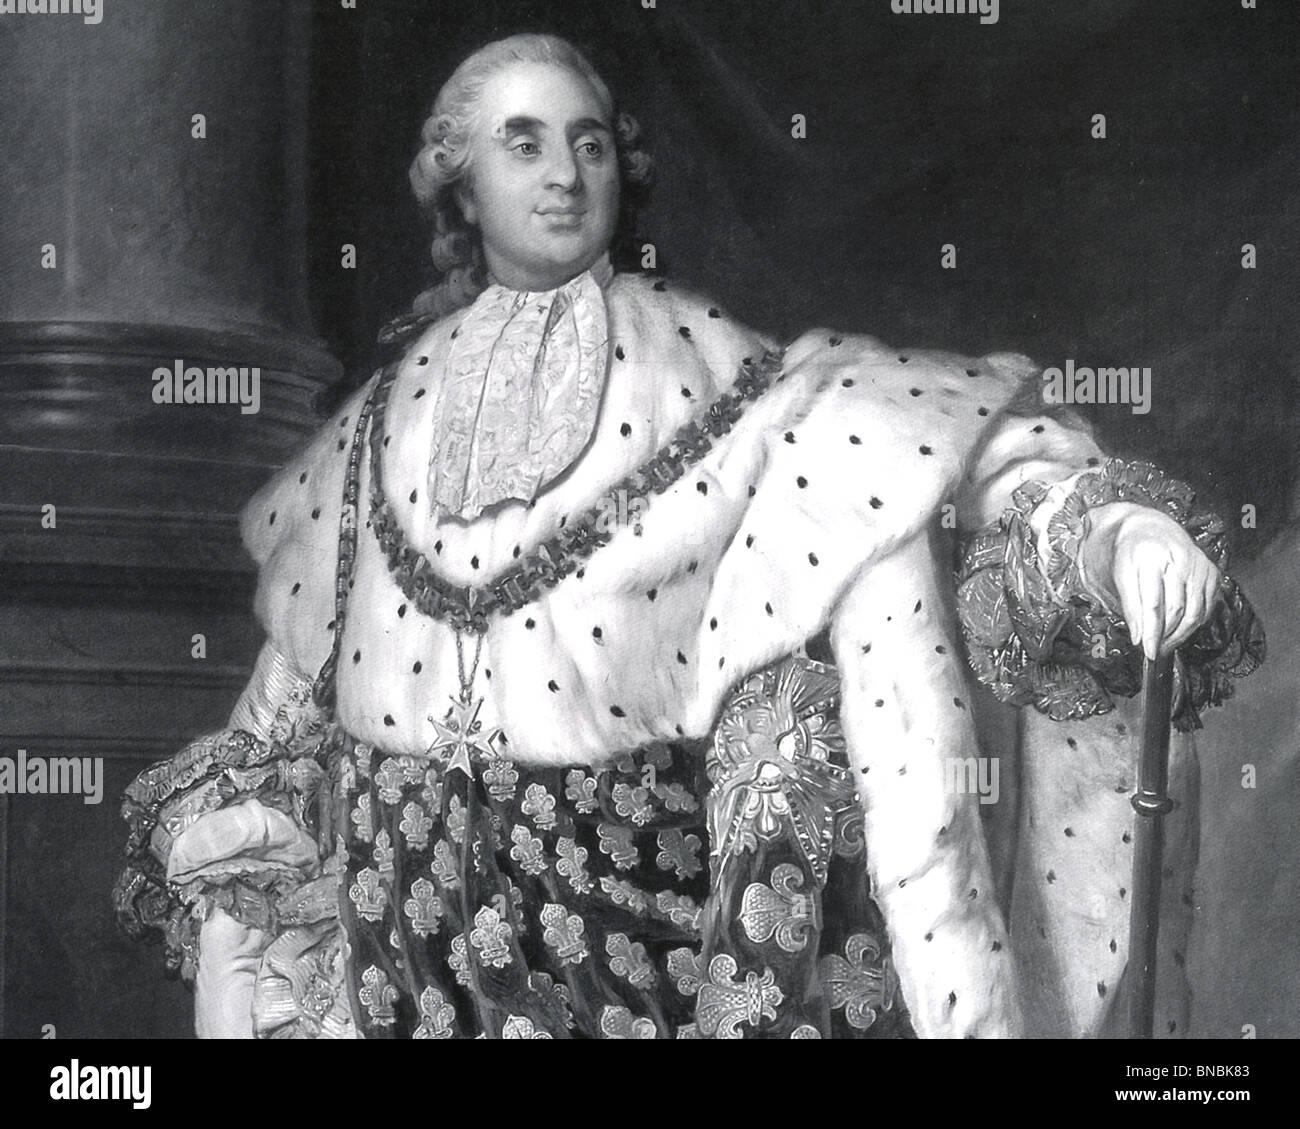 King Louis Xvi Photos & King Louis Xvi Images - Alamy